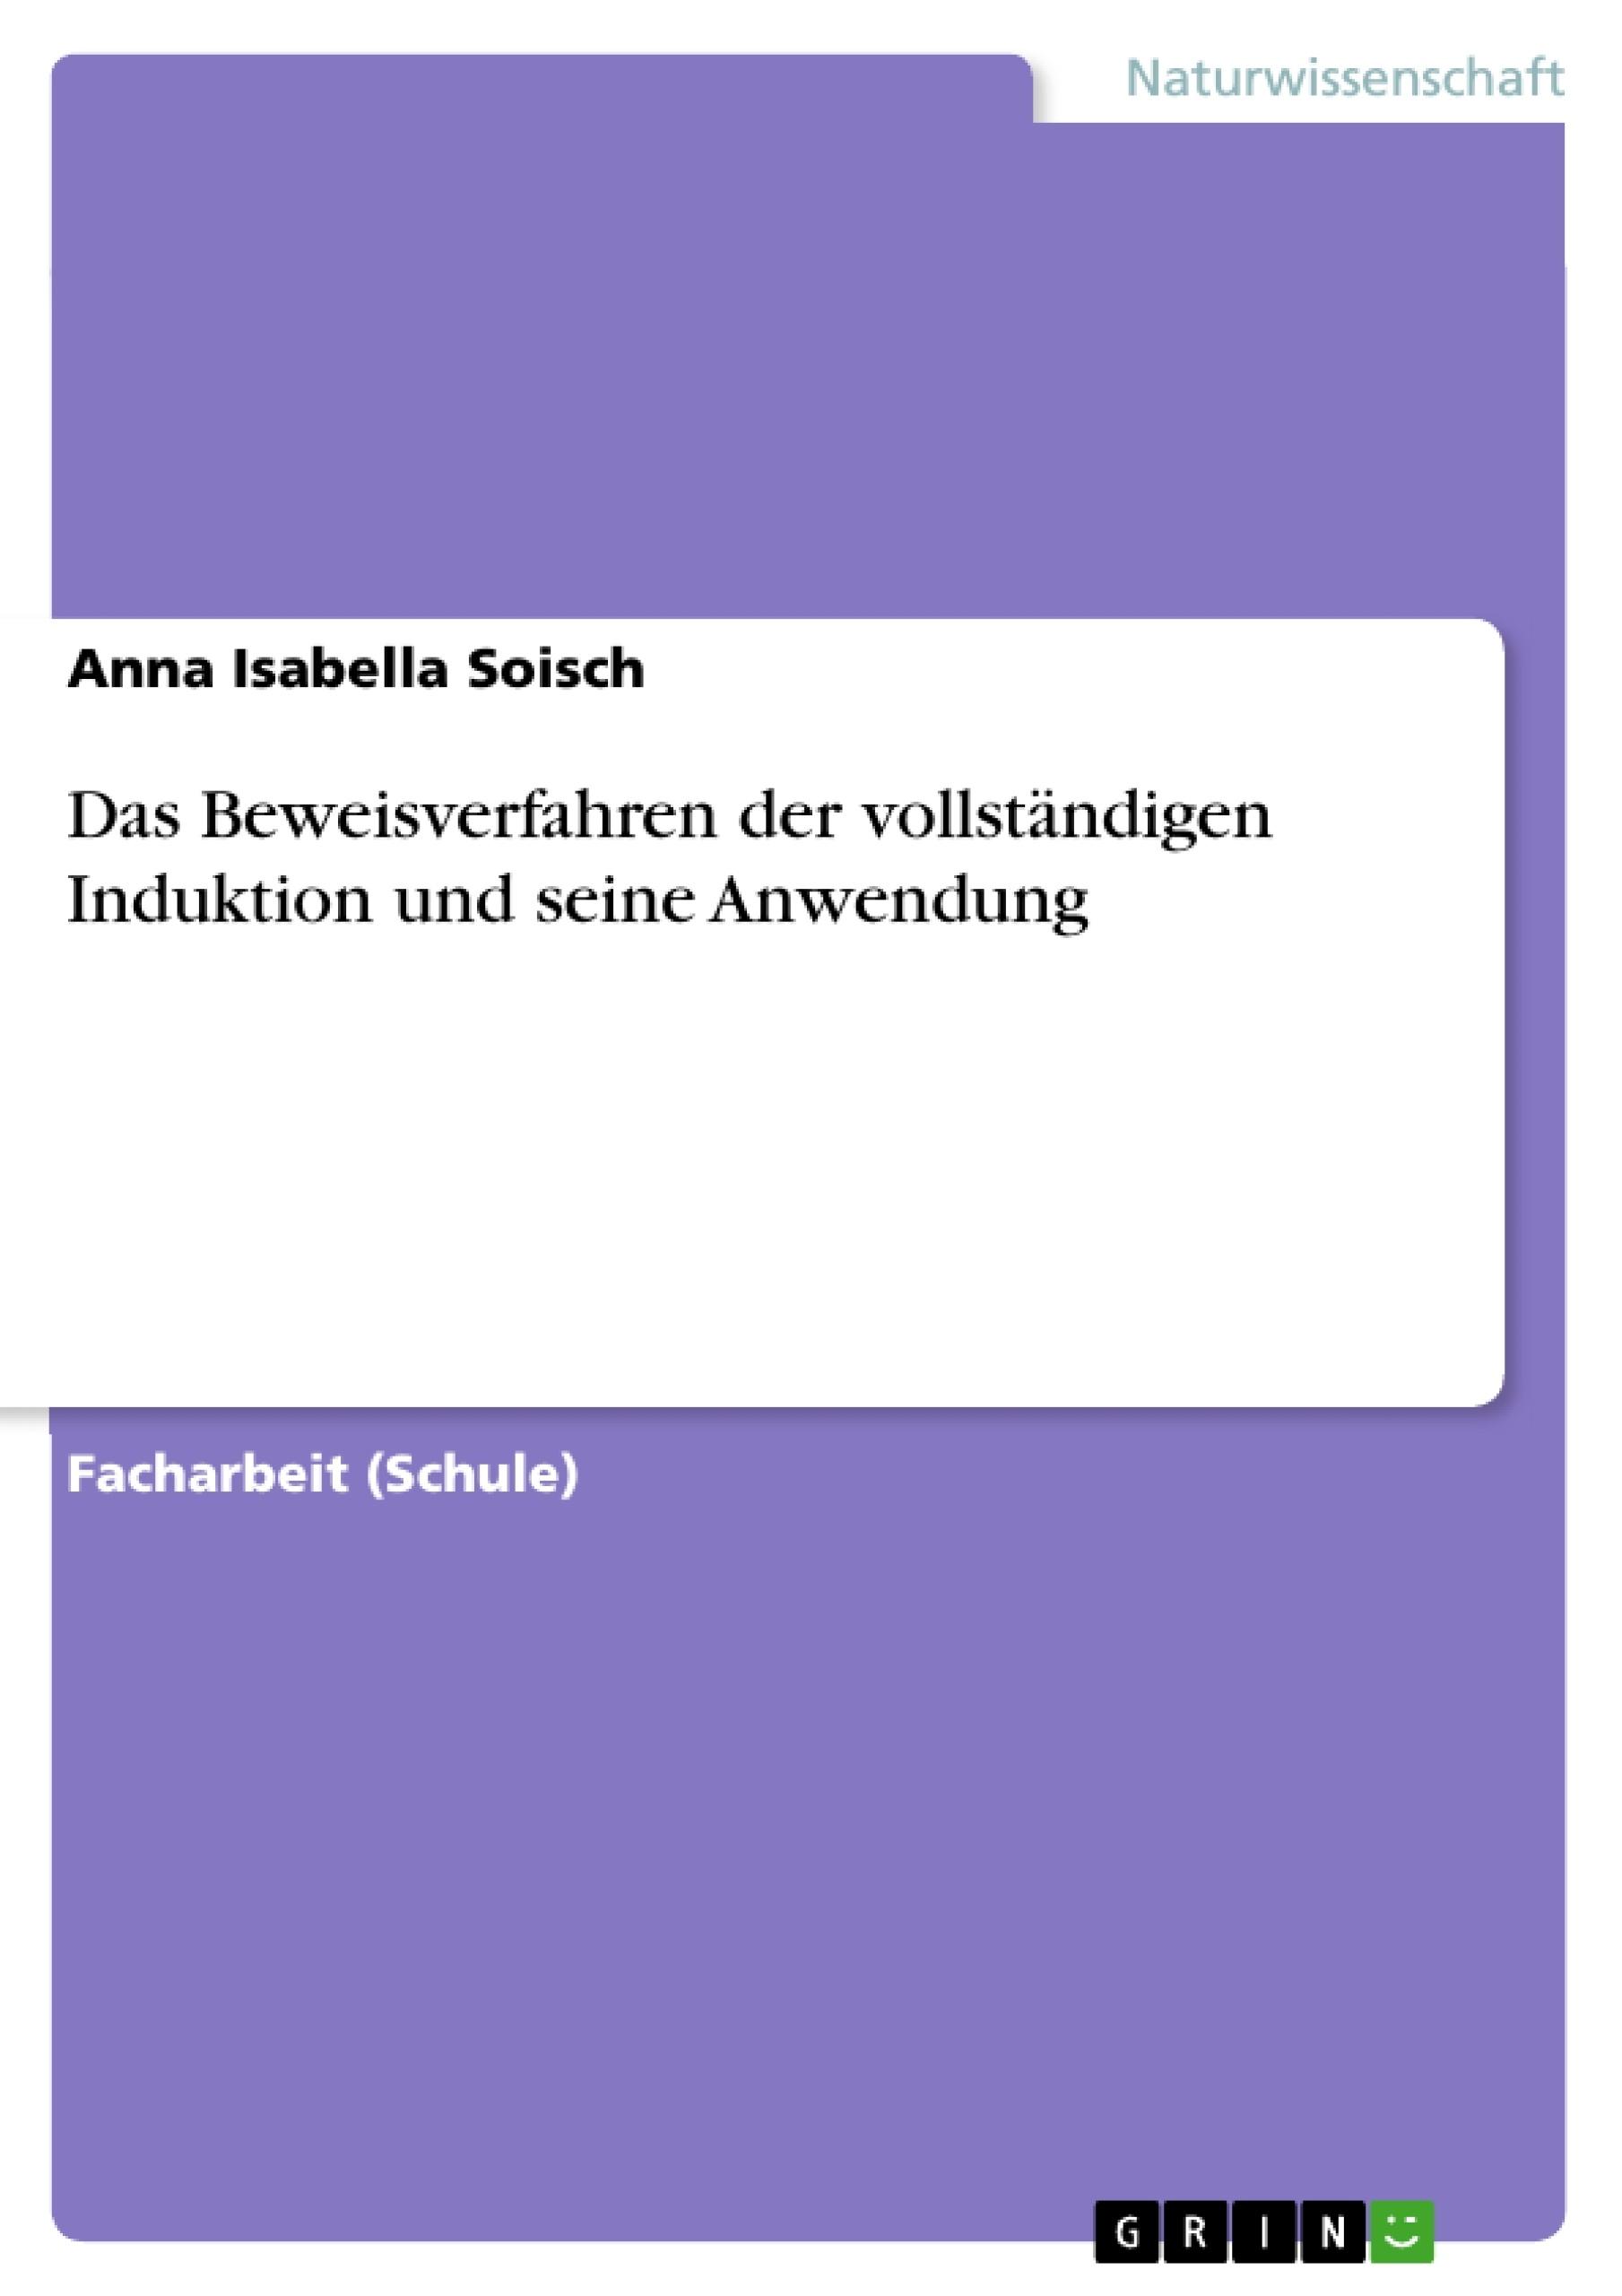 Titel: Das Beweisverfahren der vollständigen Induktion und seine Anwendung